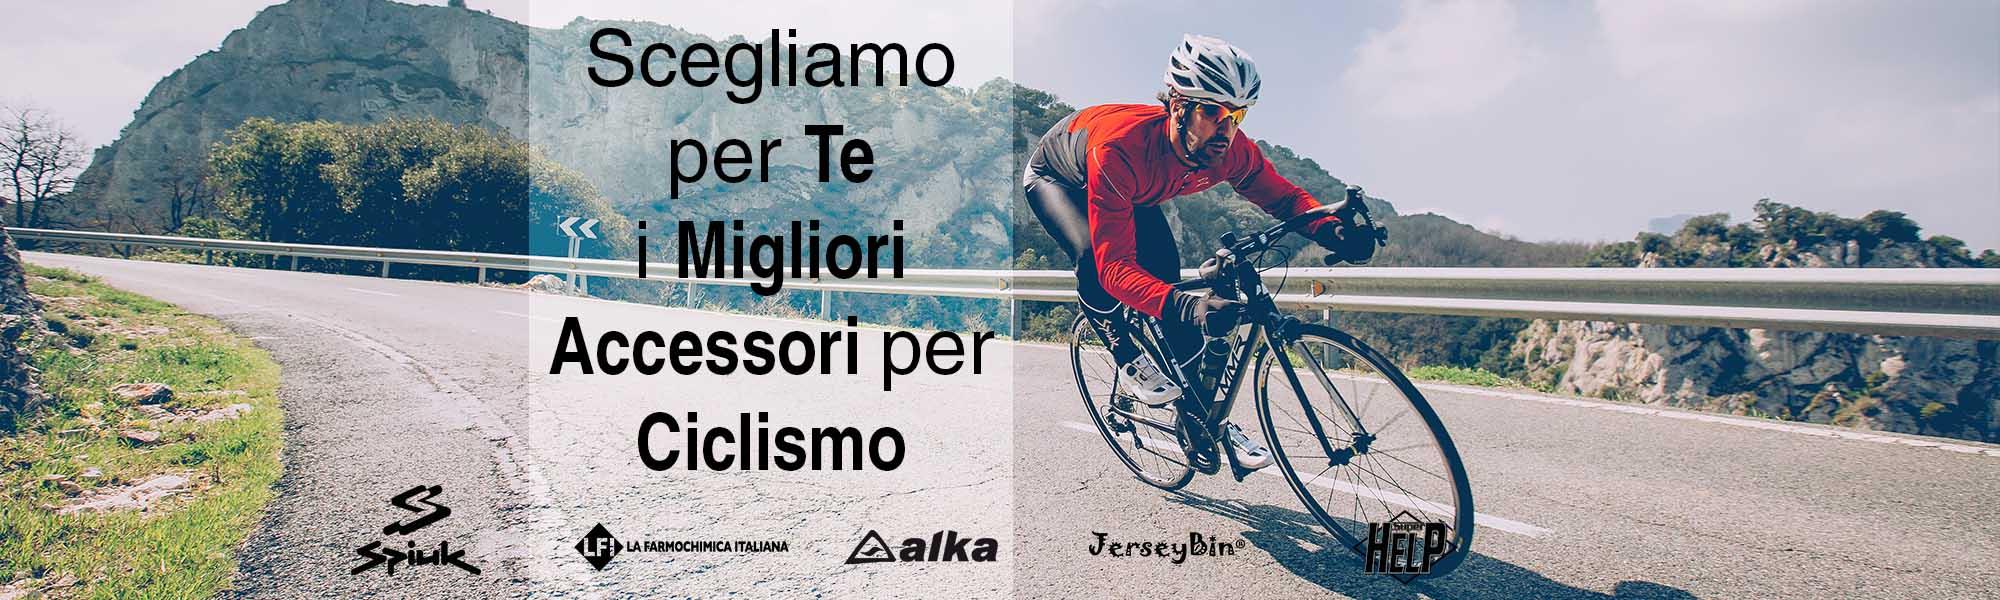 still-bike-accessori-abbigliamento-ciclismo-marchi